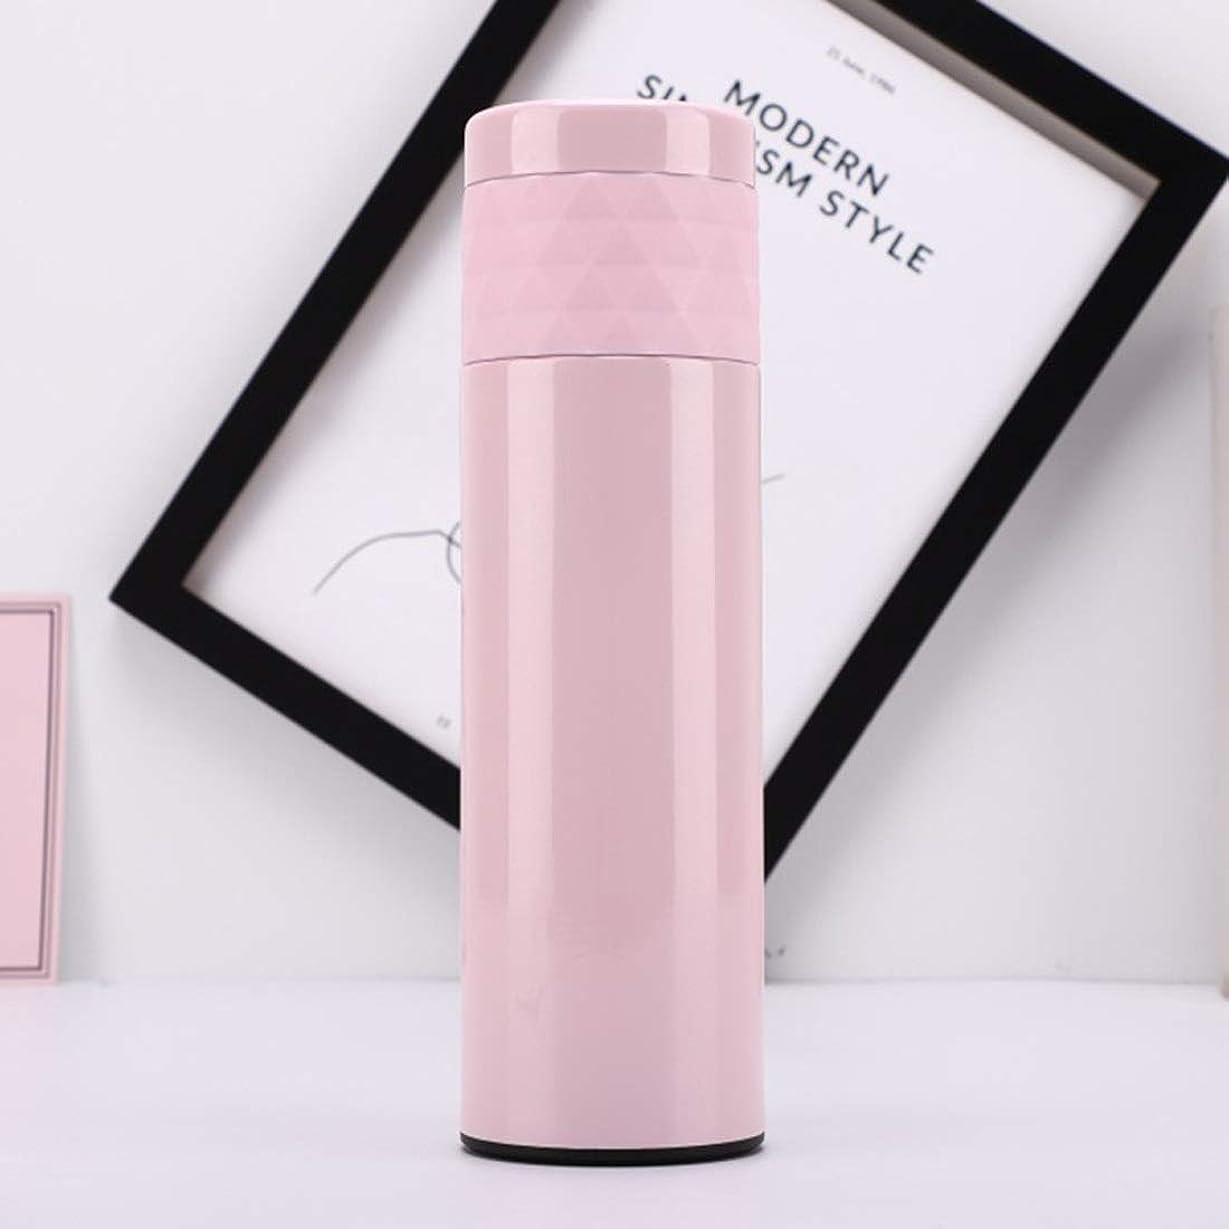 達成優先盆地カップ 真空Insualtedステンレススチールウォーターボトル500ミリリットル飲み物ホット&コールド真空断熱ウォーターボトルステンレススチールマグ (色 : ピンク)